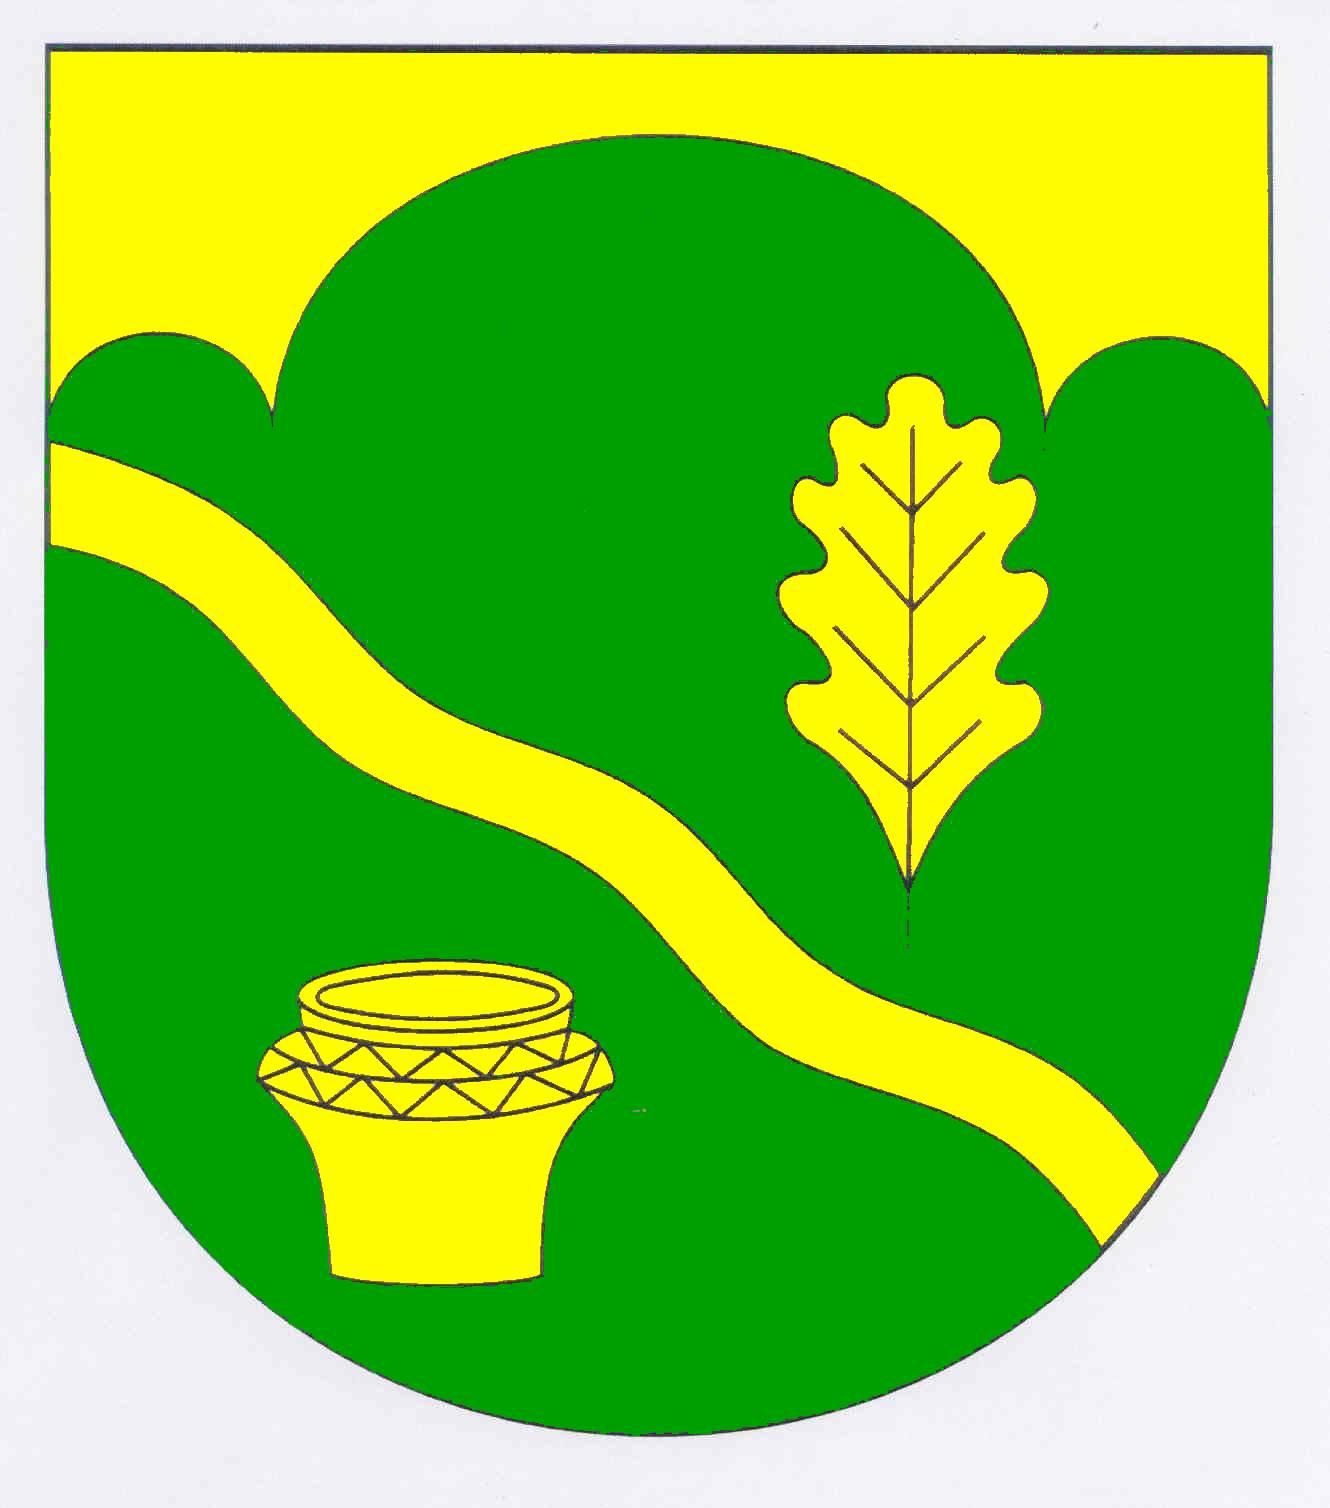 Wappen GemeindeBargstall, Kreis Rendsburg-Eckernförde